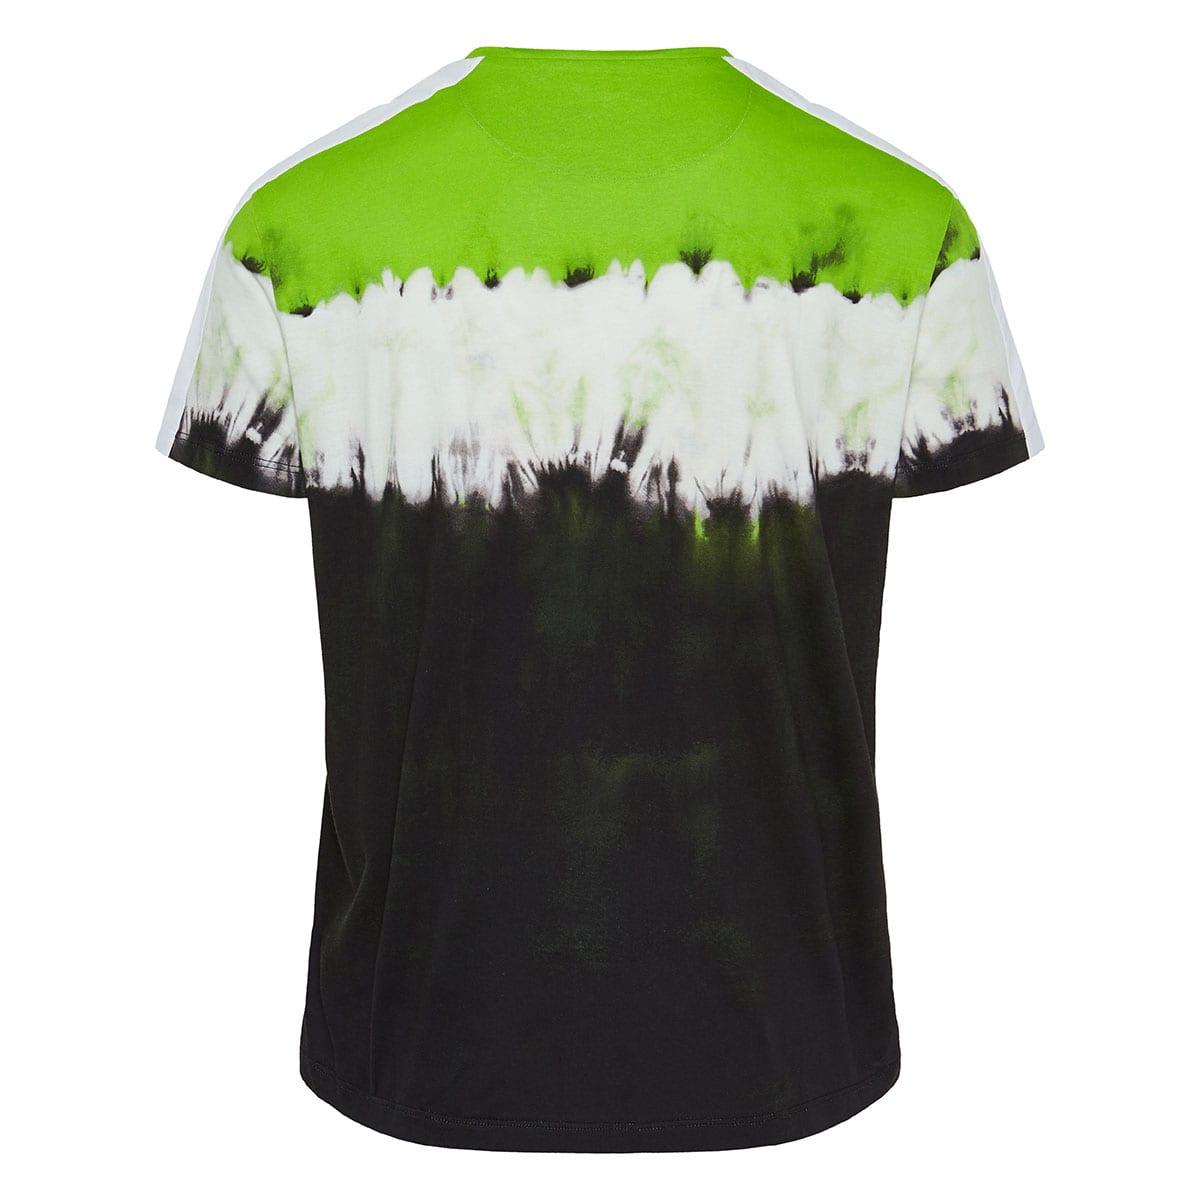 Jelly Block tie-dye logo t-shirt